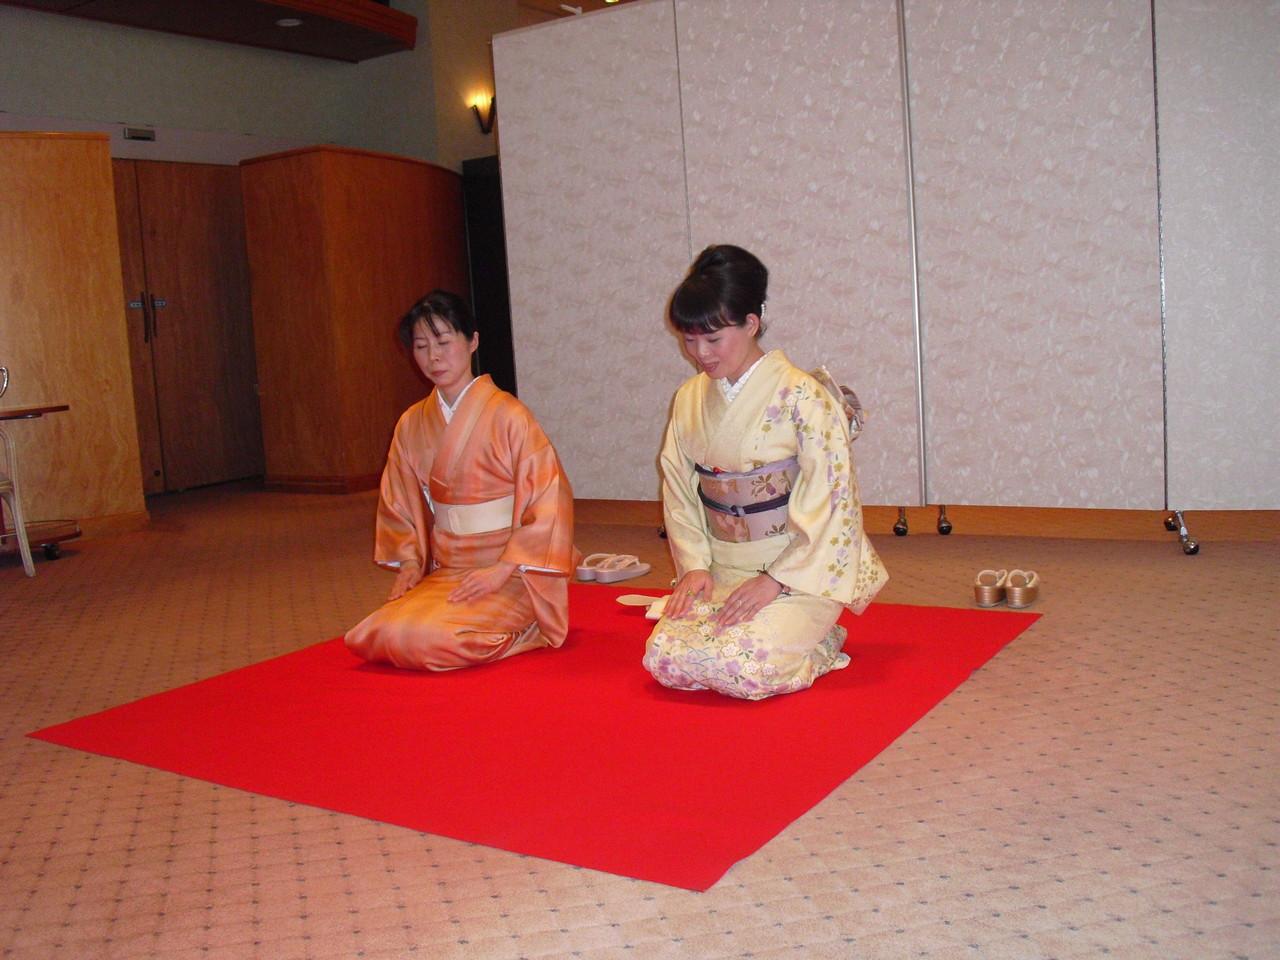 岐阜県下呂市の着物着付け教室「あゆみキモノ学院」はいから和生活。写真館(新年会)